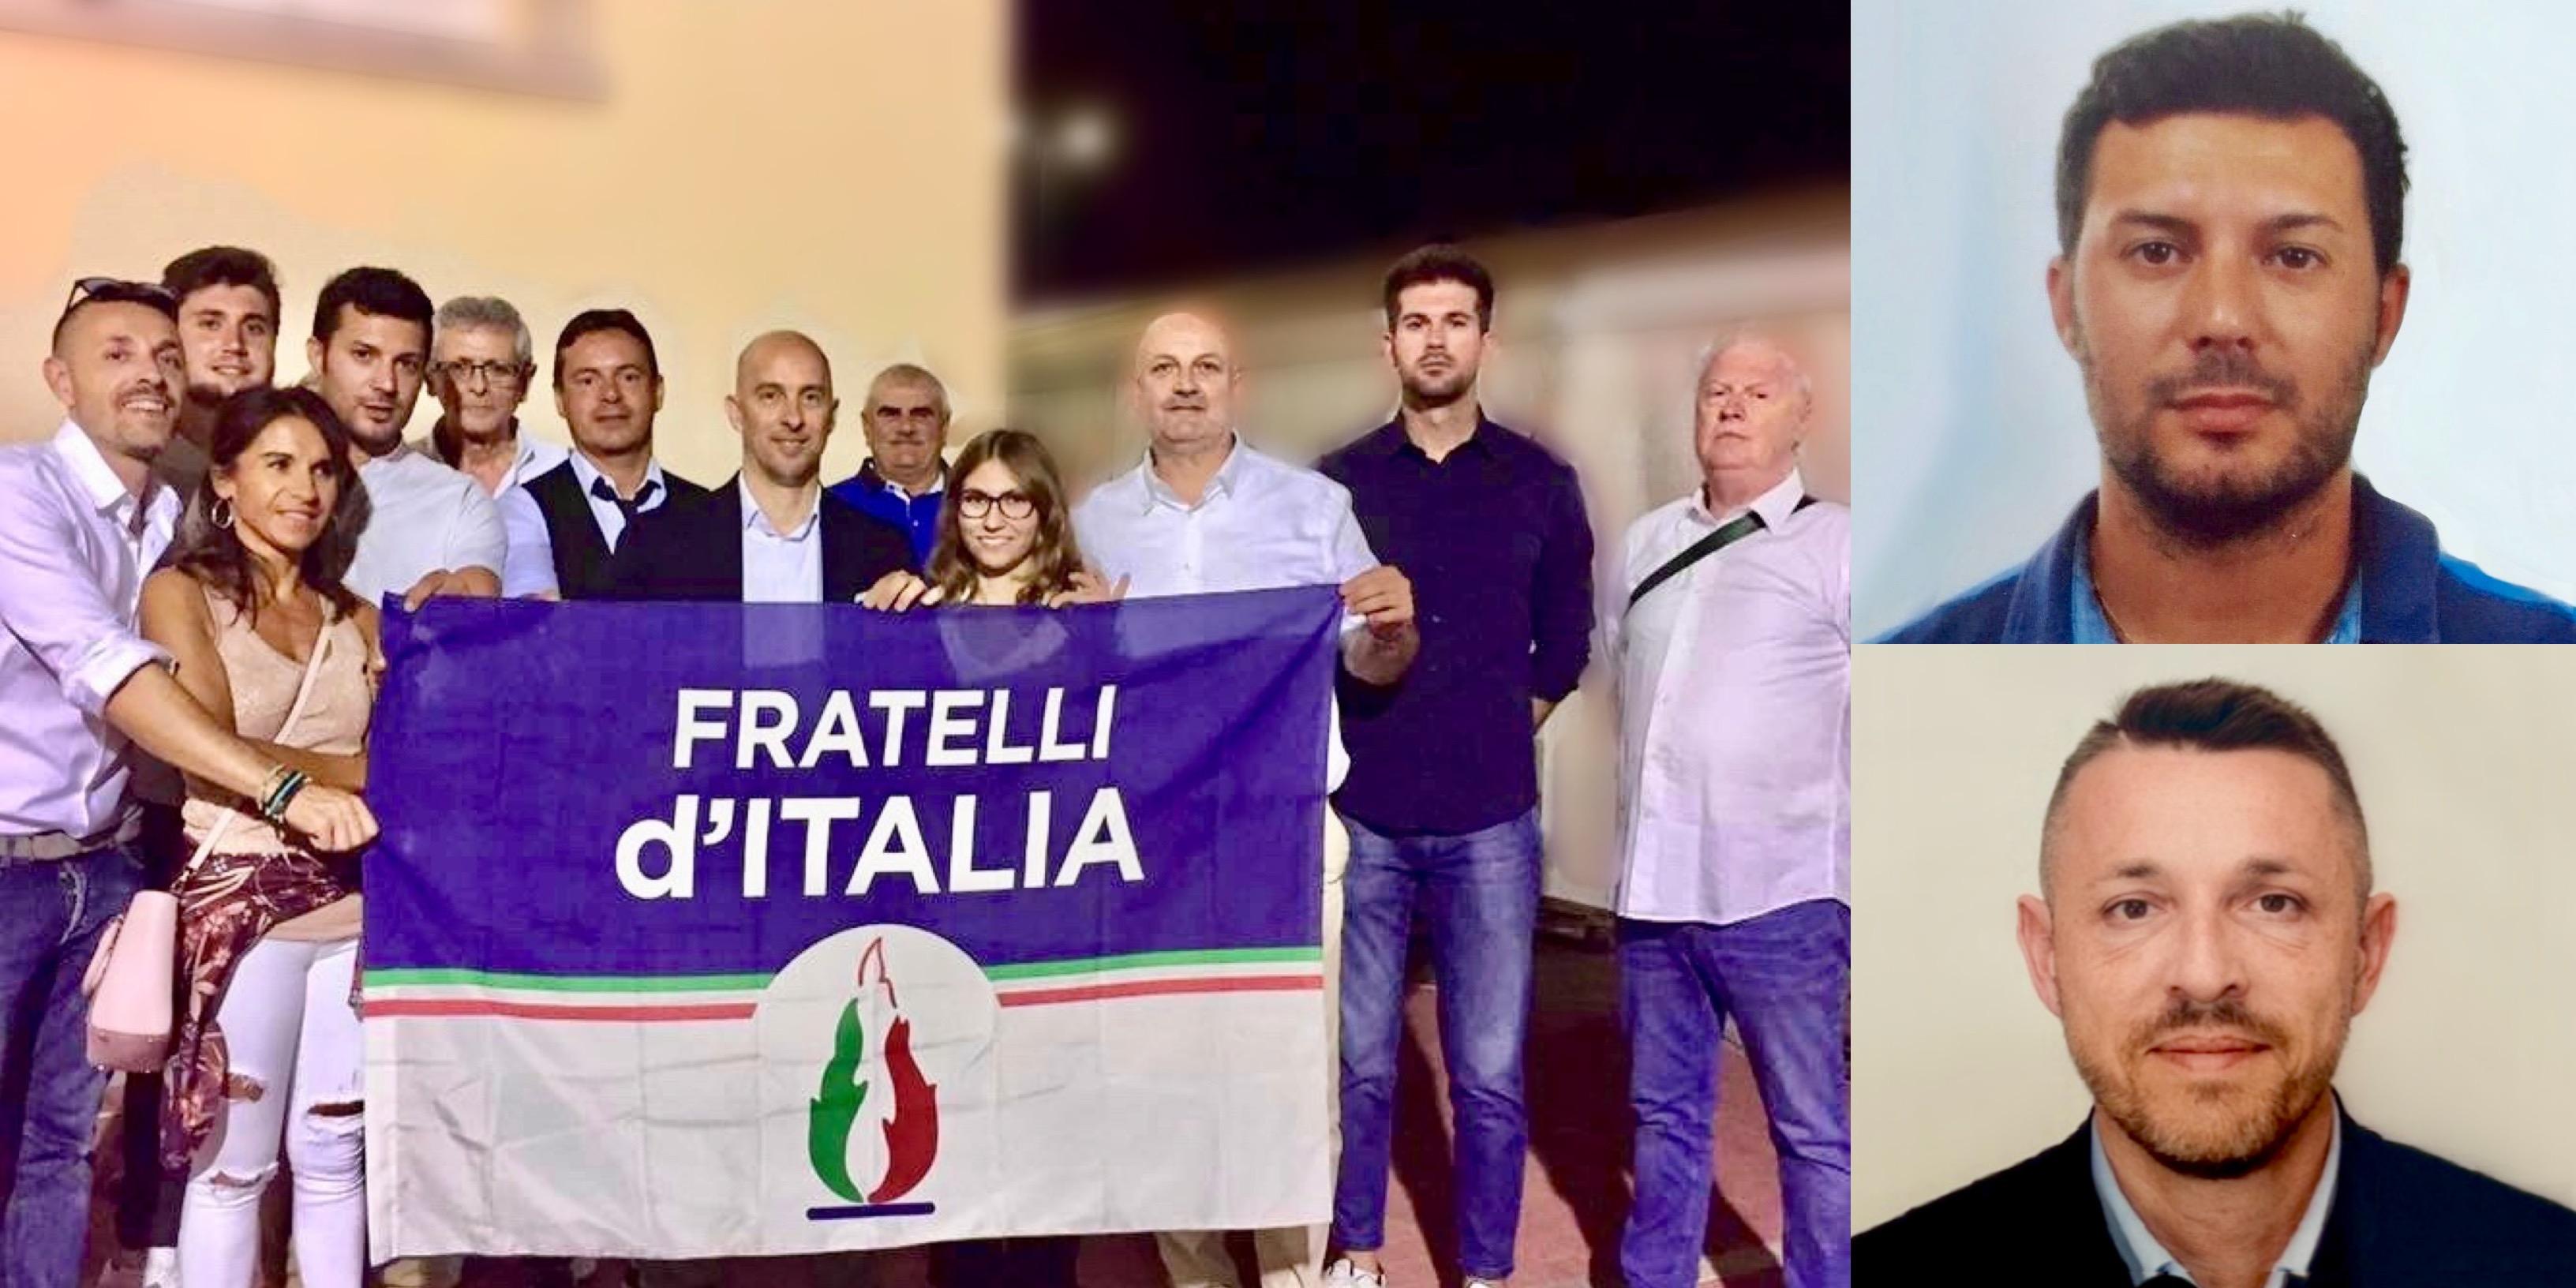 TERRAZZO. NUOVO CIRCOLO DI FRATELLI D'ITALIA, SARÀ GUIDATO DA ENRICO VISENTIN.